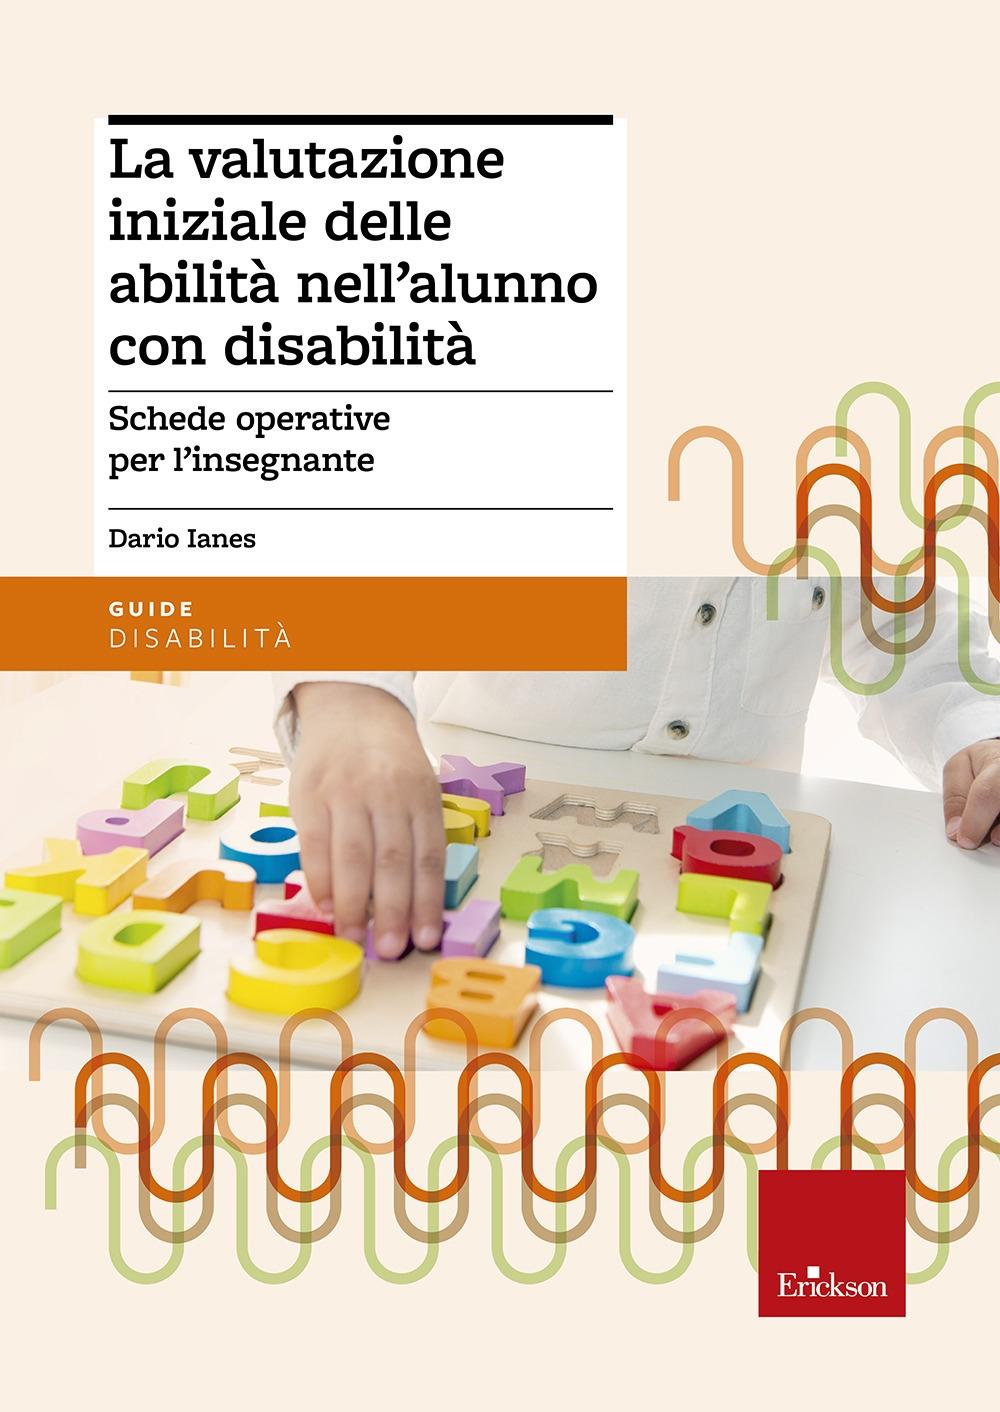 La valutazione iniziale delle abilità nell'alunno con disabilità.